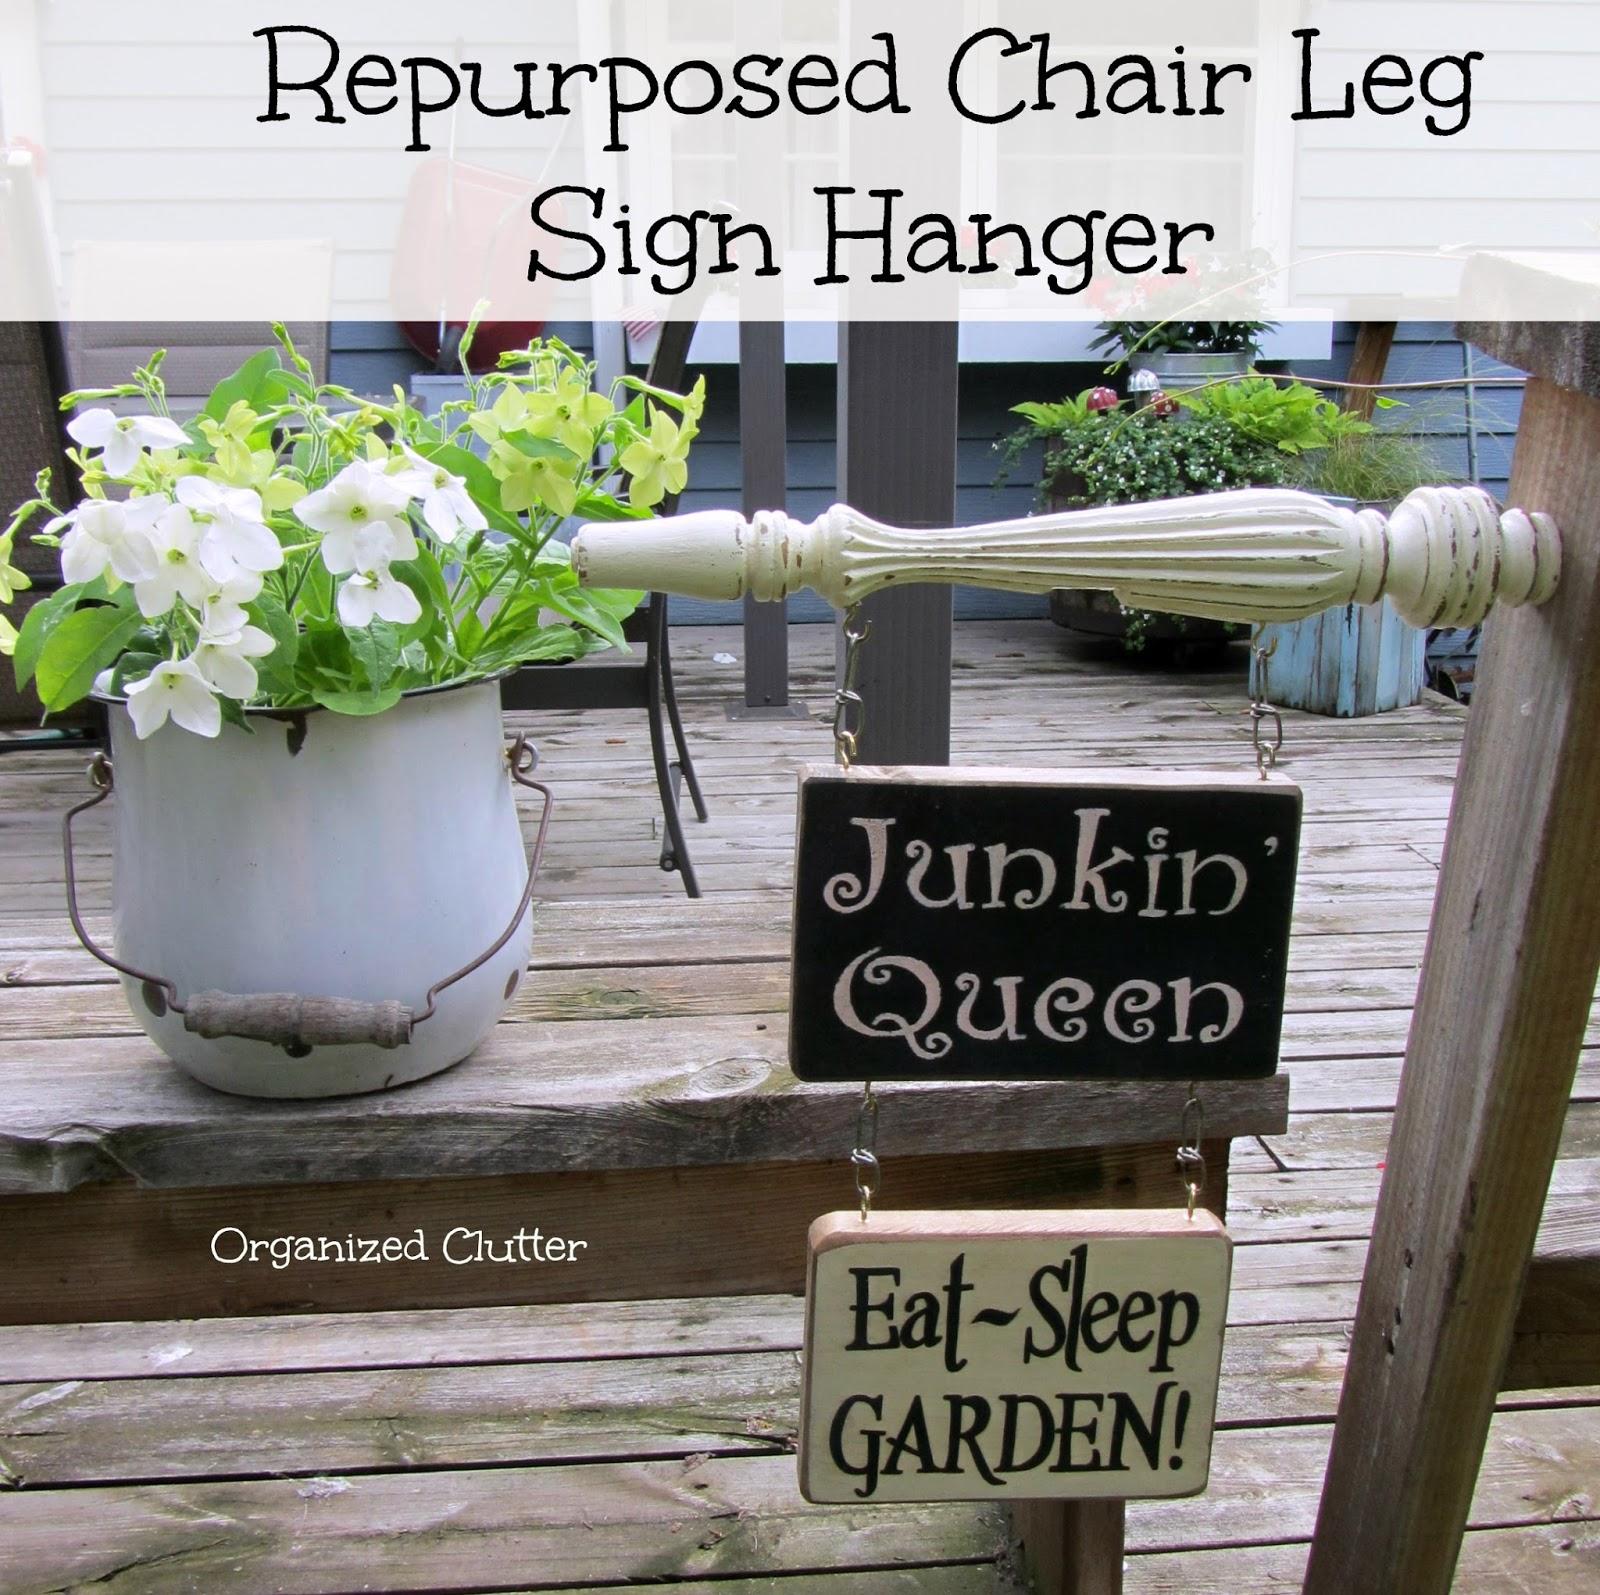 Chair Leg Garden Sign Holder www.organizedclutterqueen.blogspot.com